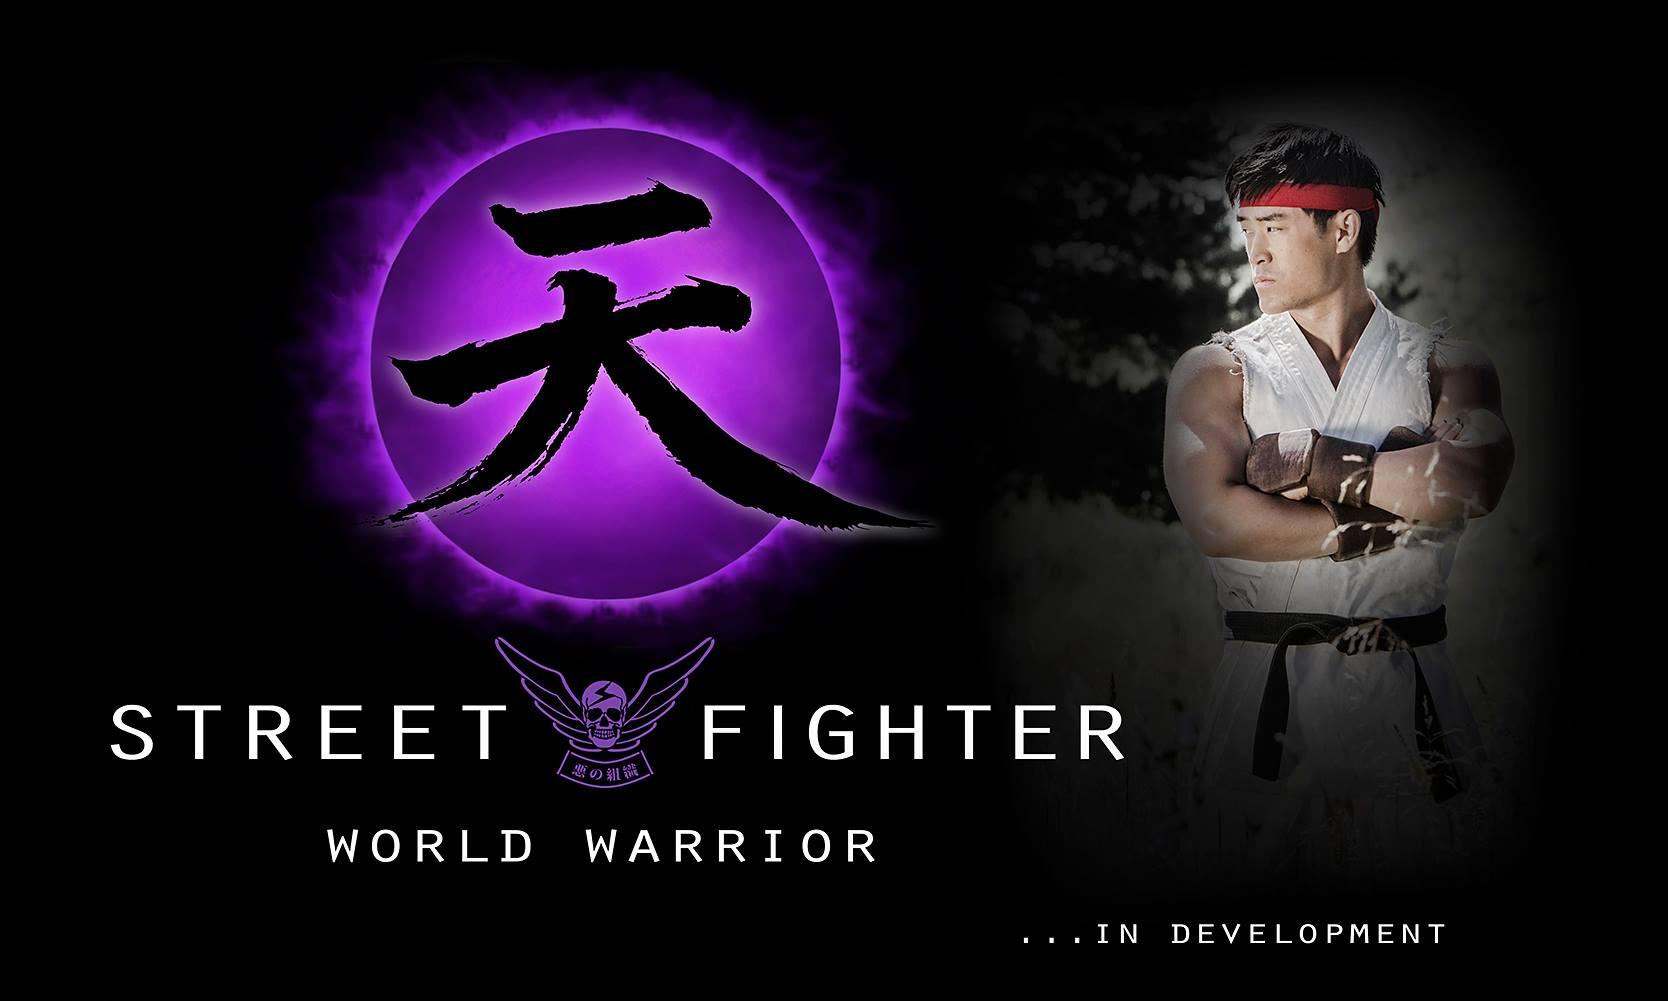 Street Fighter World Warrior